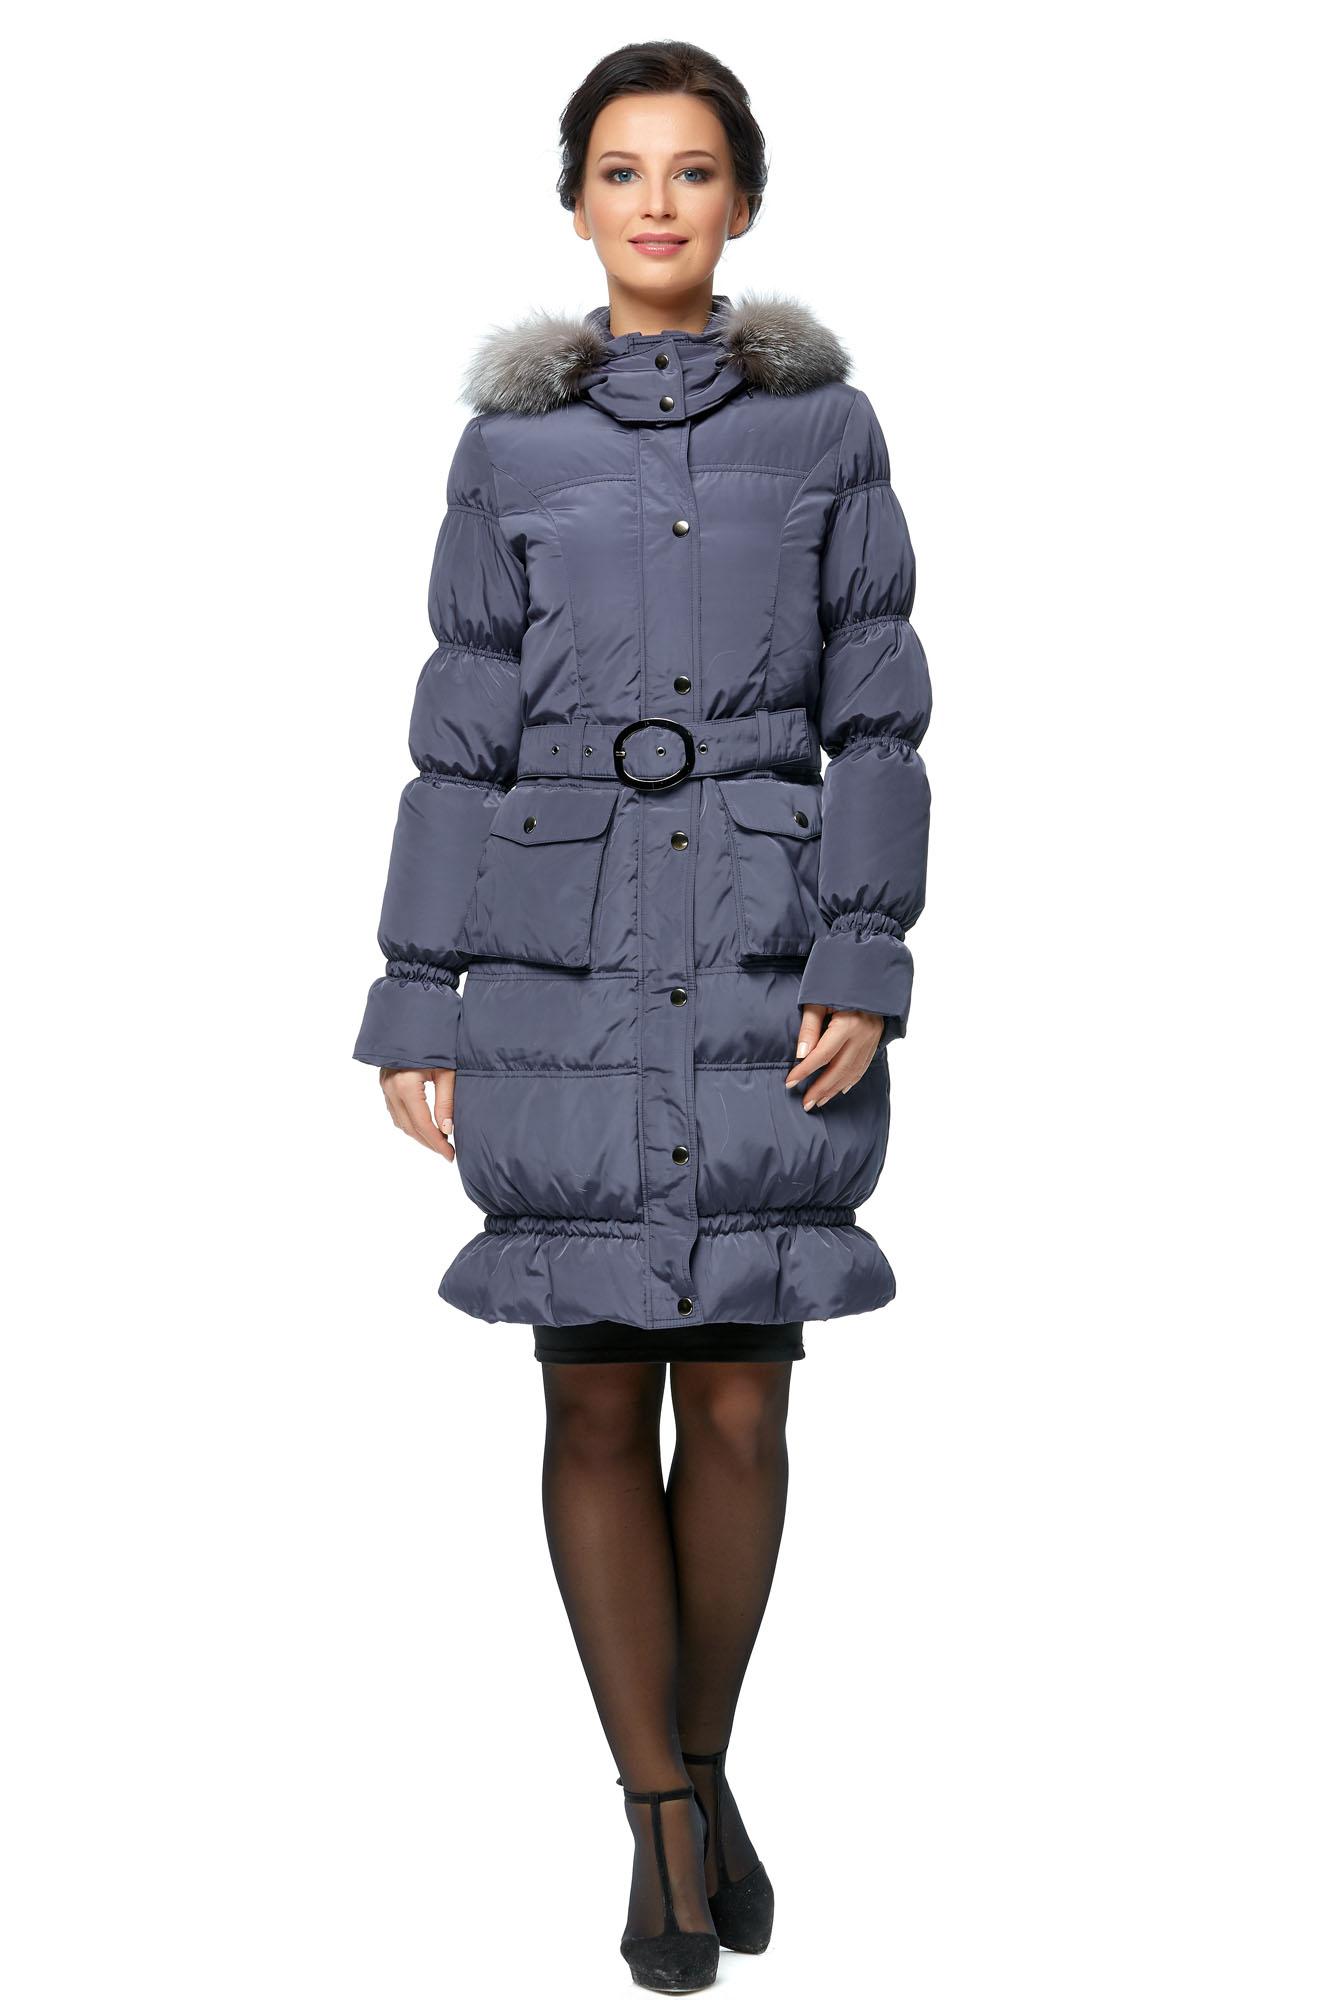 Женское пальто из текстиля с капюшоном, отделка блюфрост